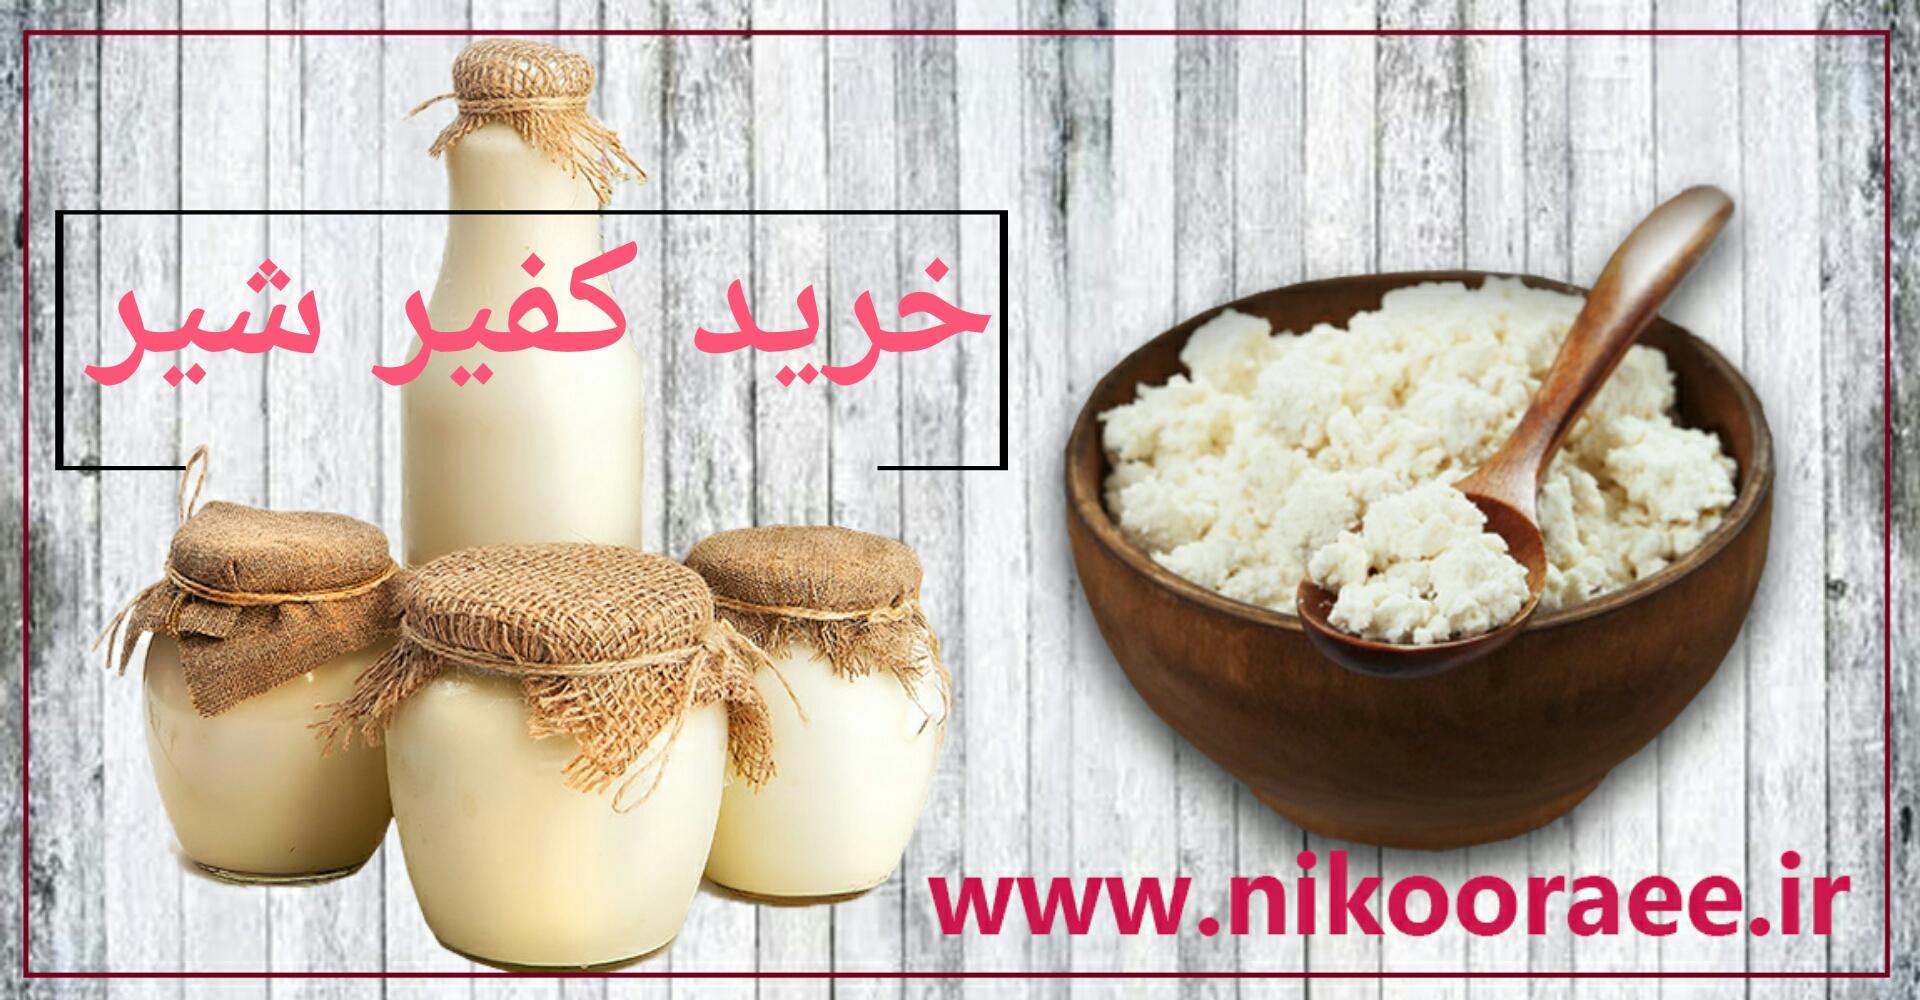 خرید کفیر شیر و محصولات کفیر